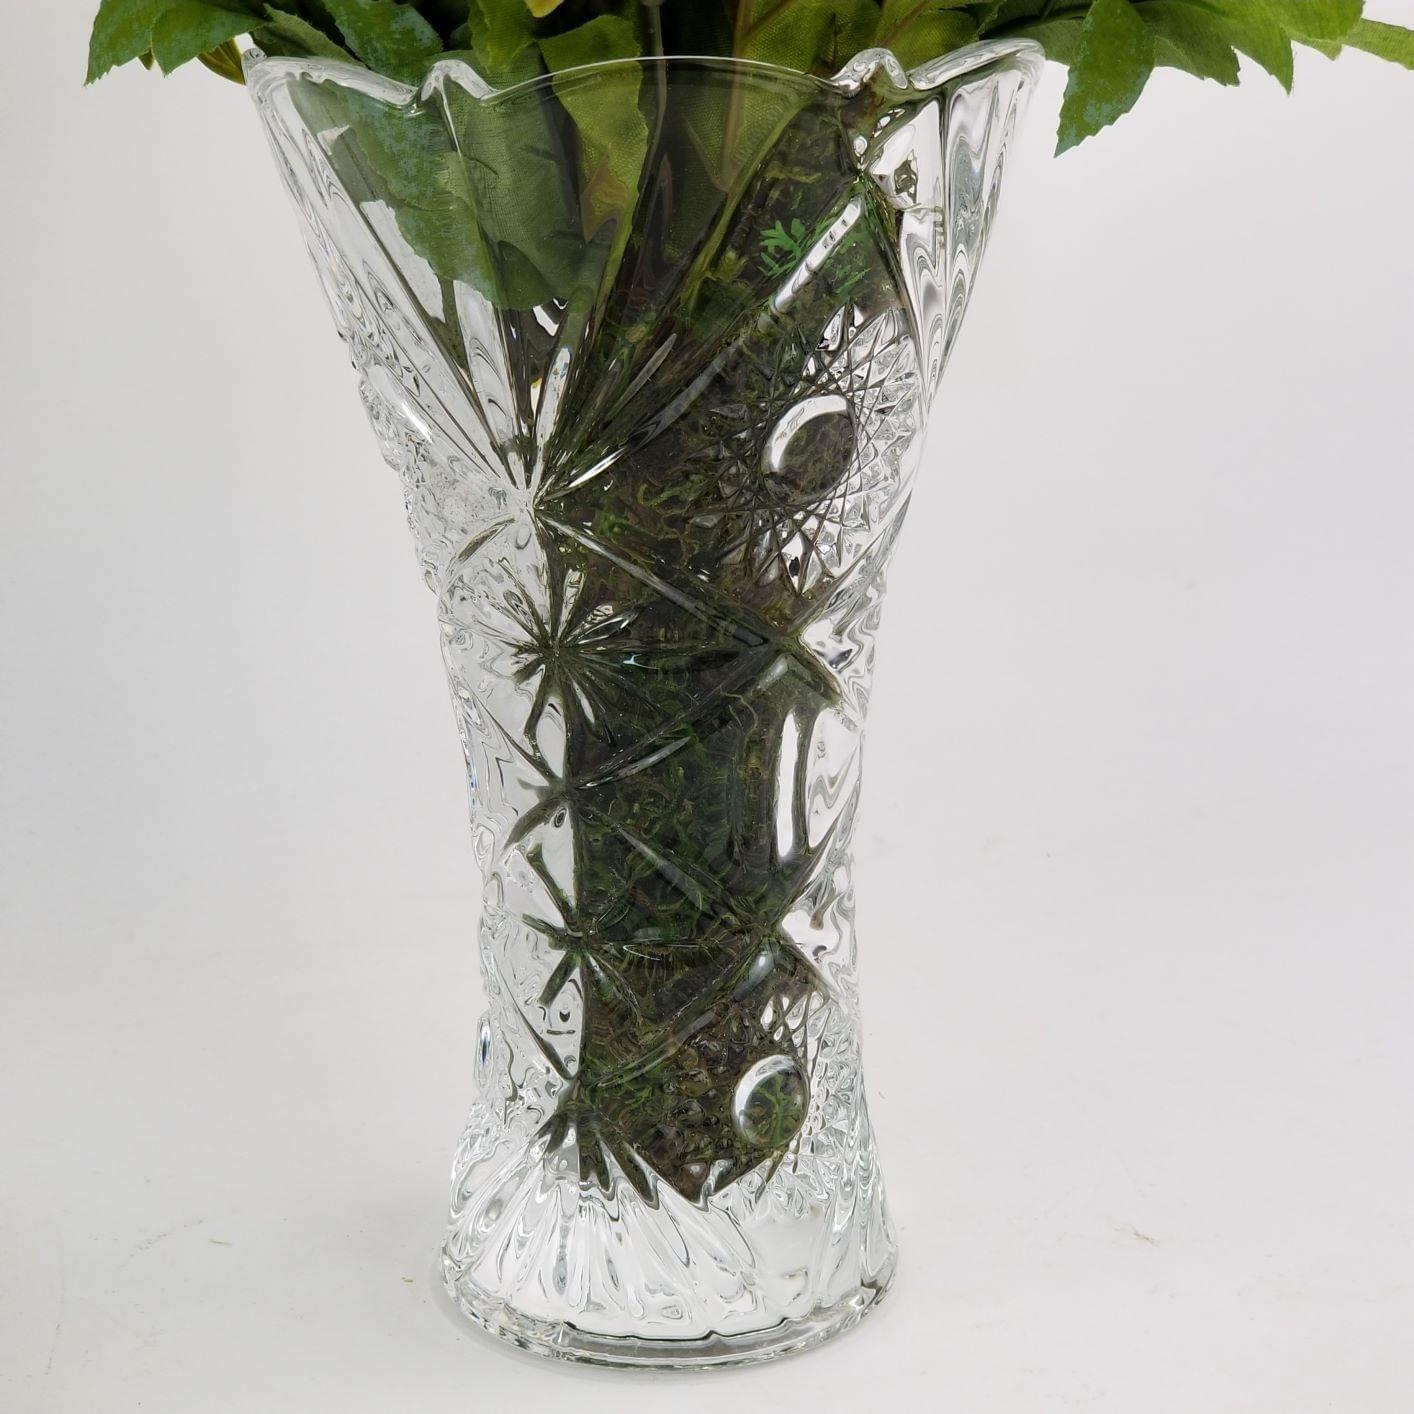 Vaso De Vidro Decorativo Para Flores (Não Inclusas) - 25cm